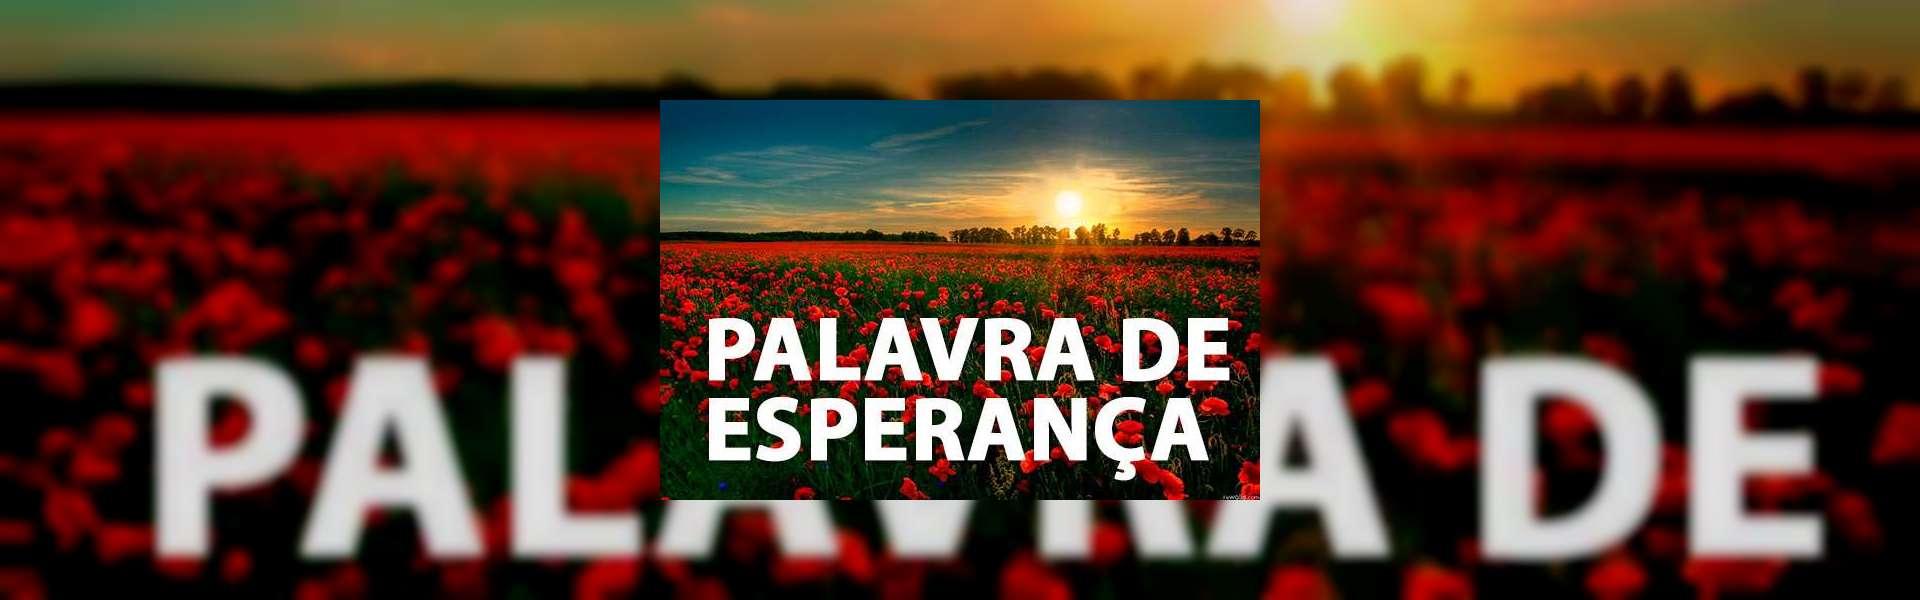 Salmos 125:1 - Uma Palavra de Esperança para sua vida